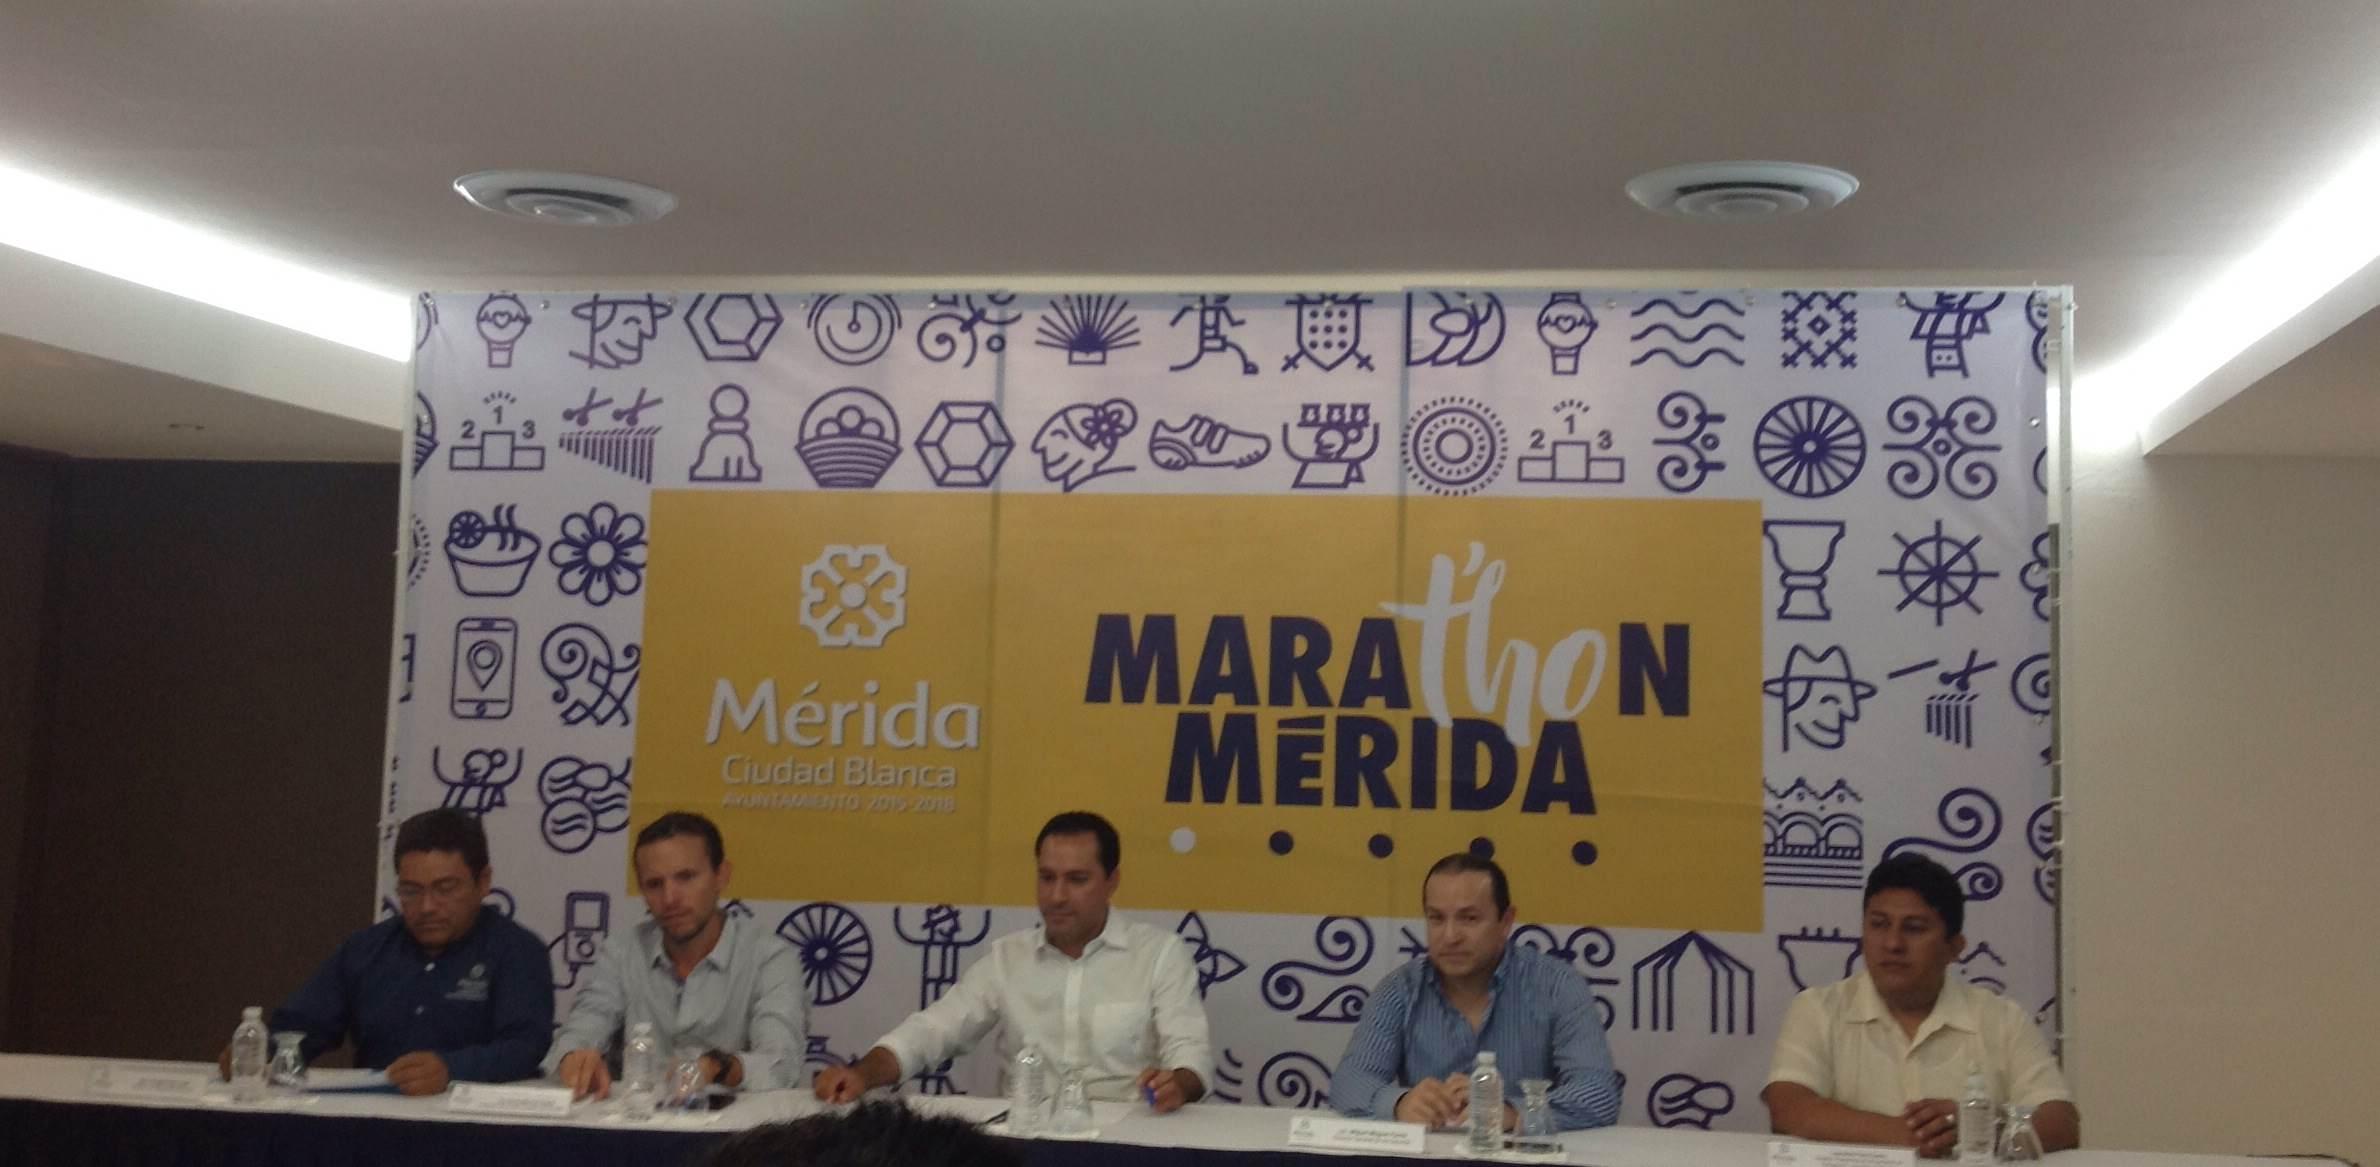 Maratón de Mérida 2017, fiesta de identidad